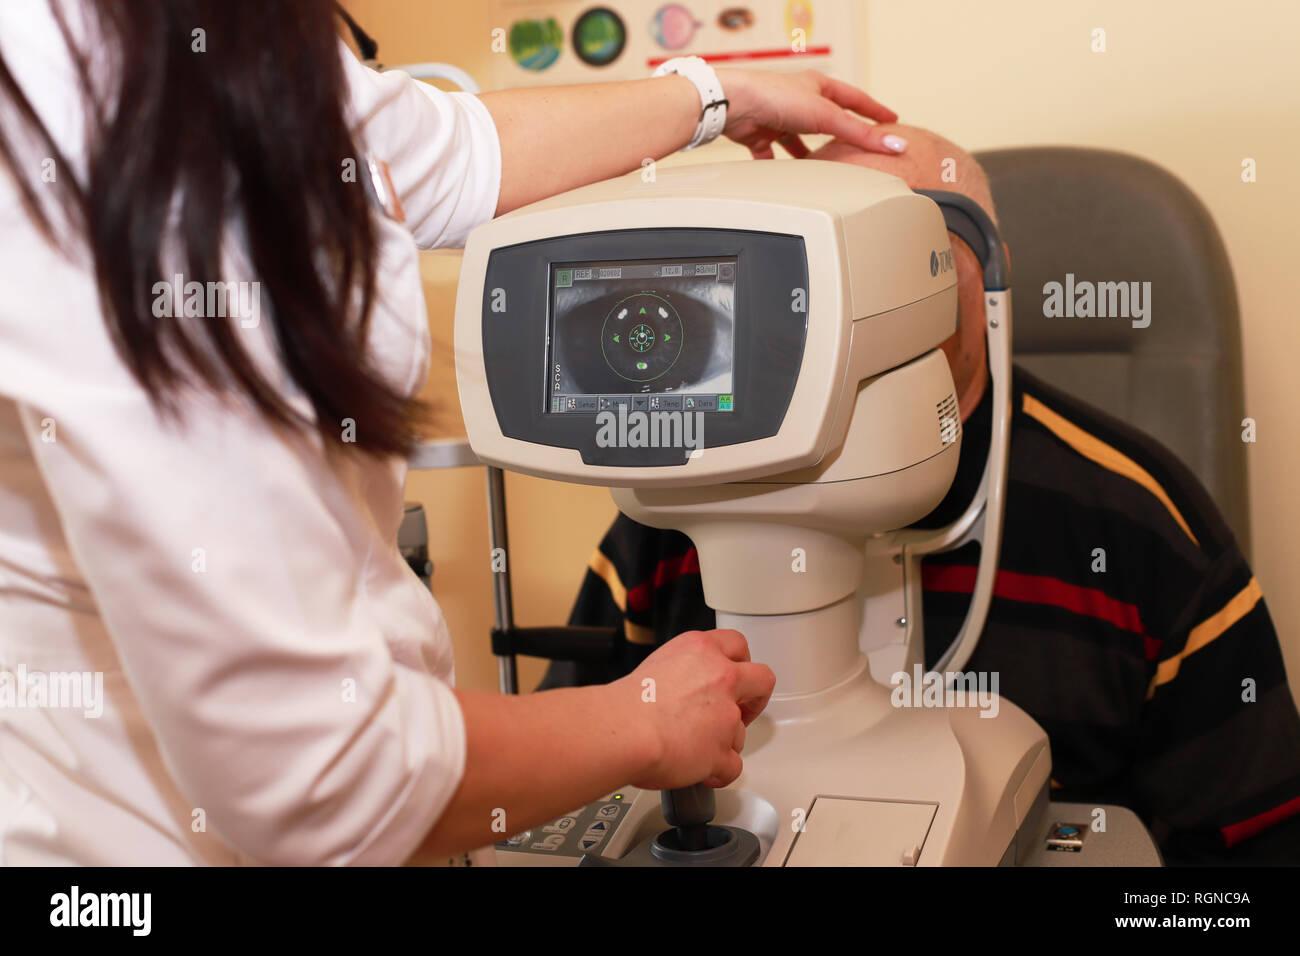 Femme médecin ophtalmologiste pour vérifier la qualité de la vision de l'œil. Concept de diagnostic et de traitement de la myopie, l'hypermétropie. femme faisant de la vue de l'opticien Banque D'Images